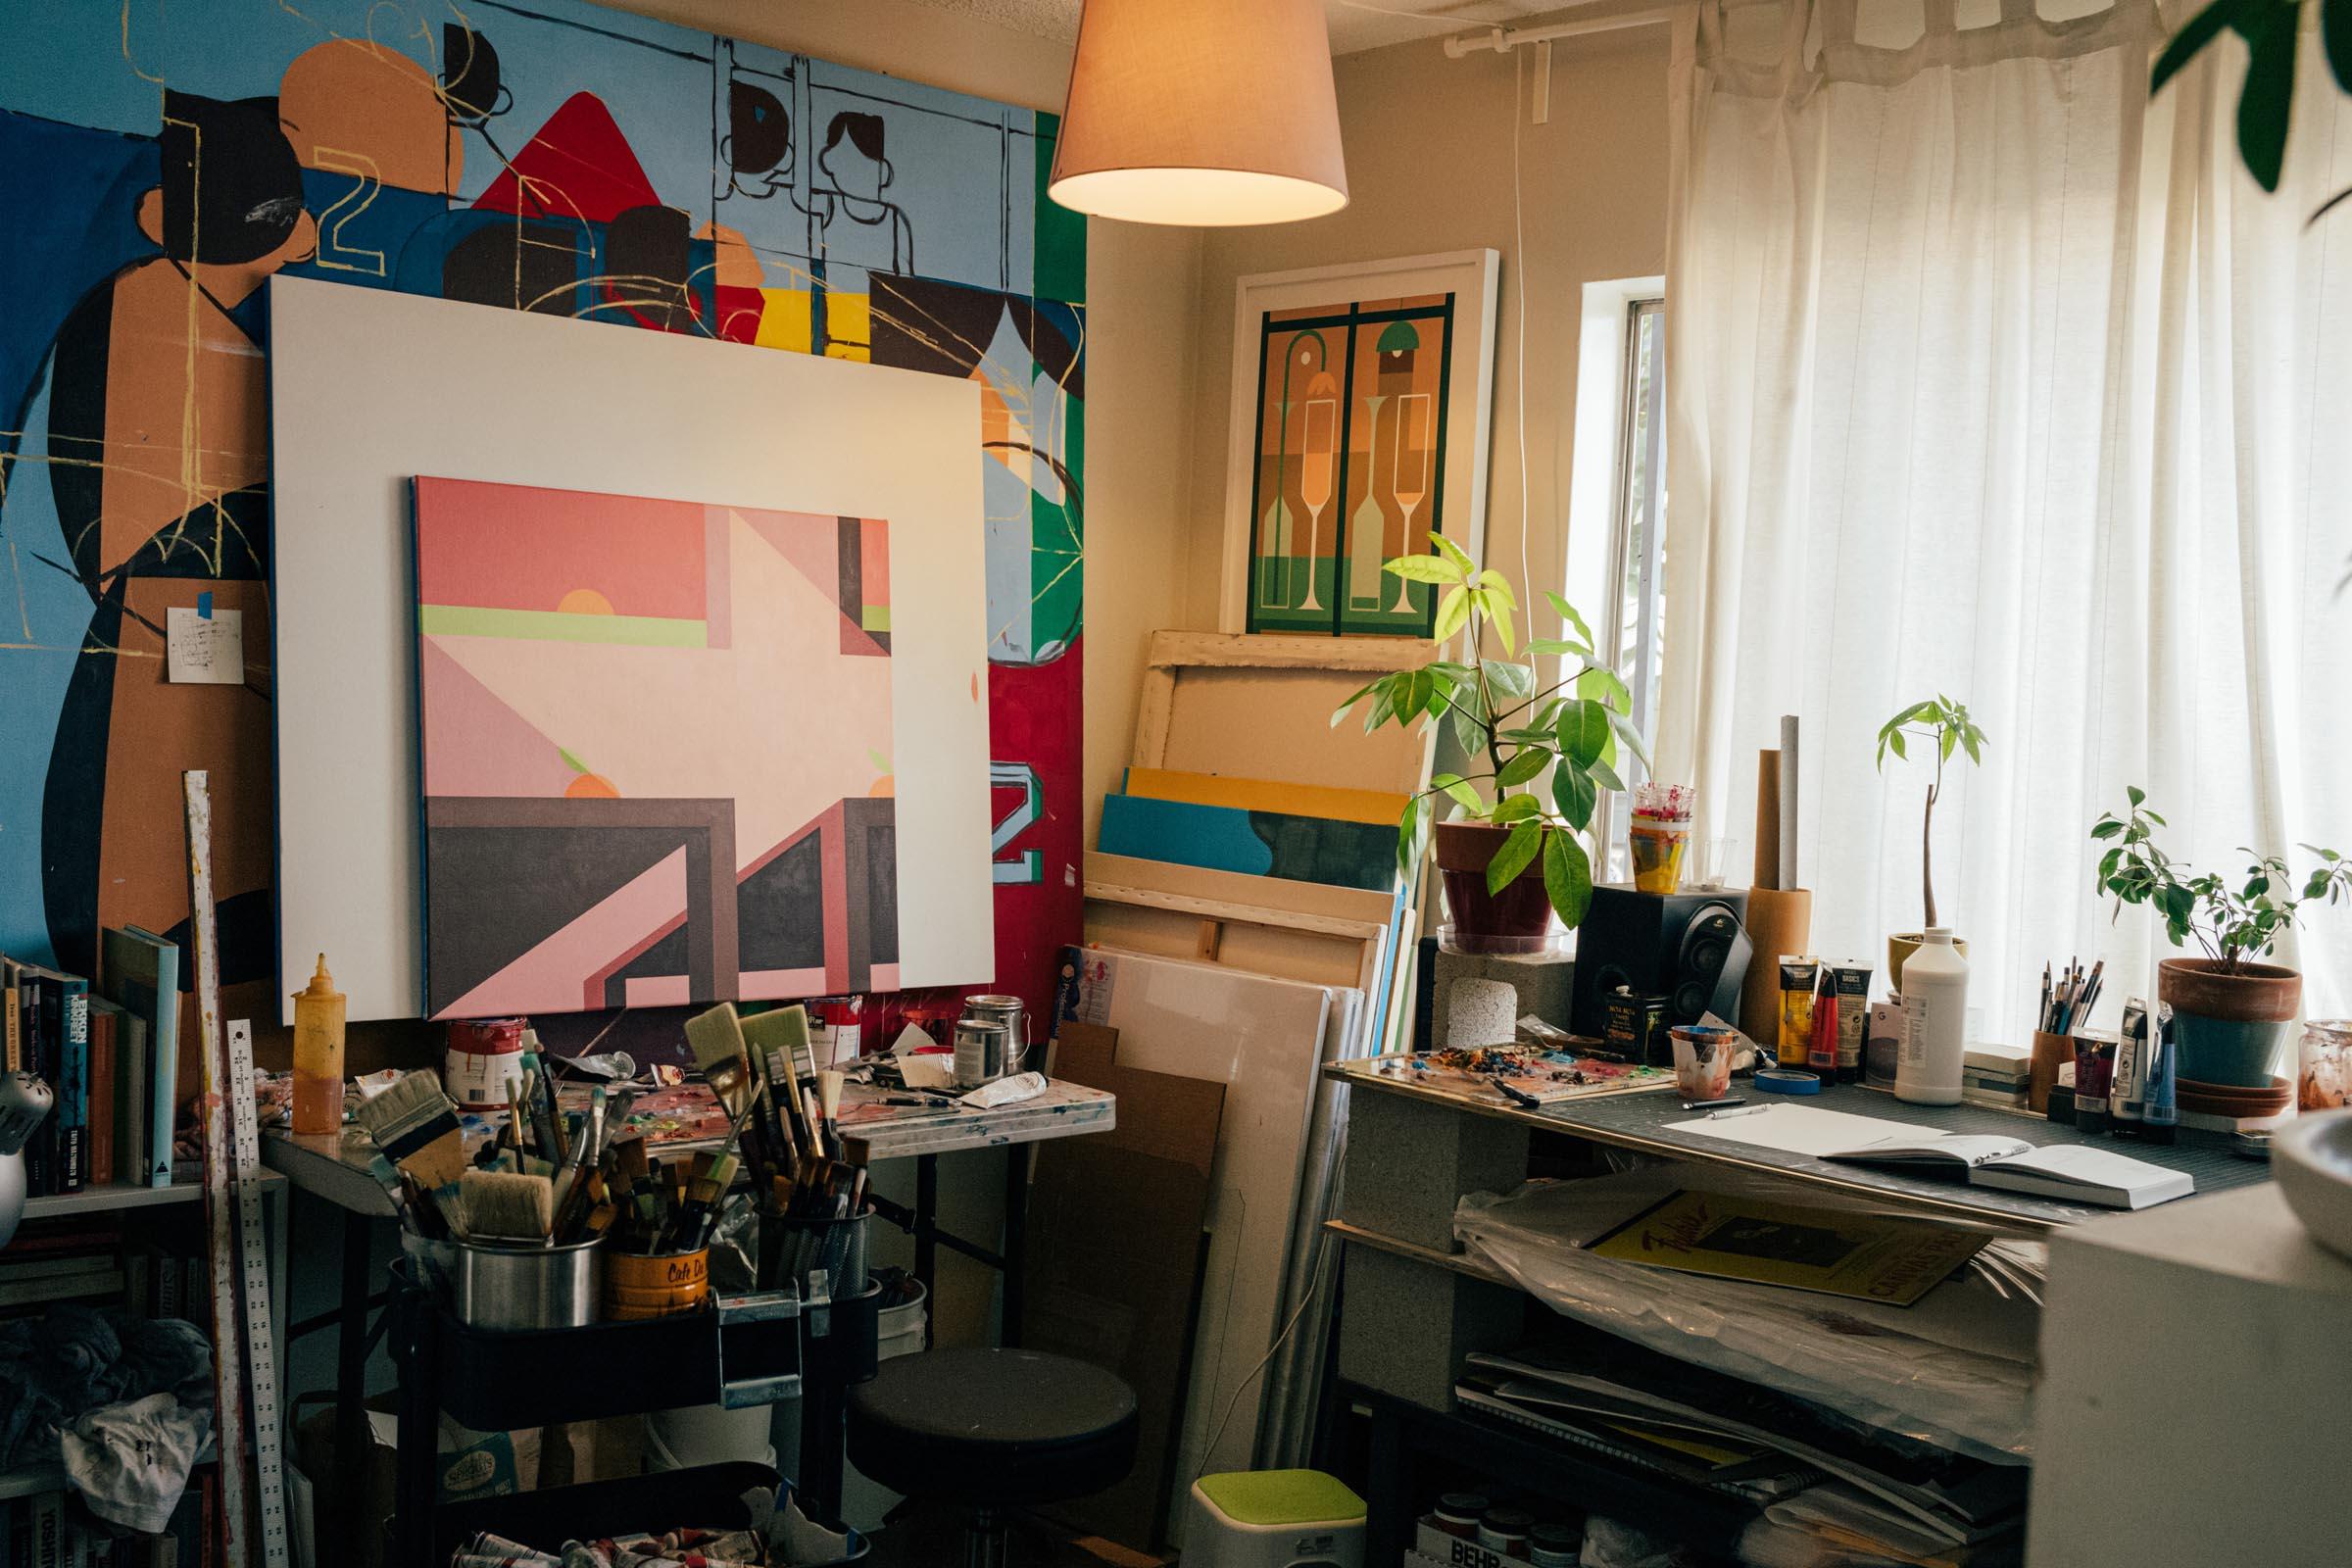 The artist's studio with work in progress